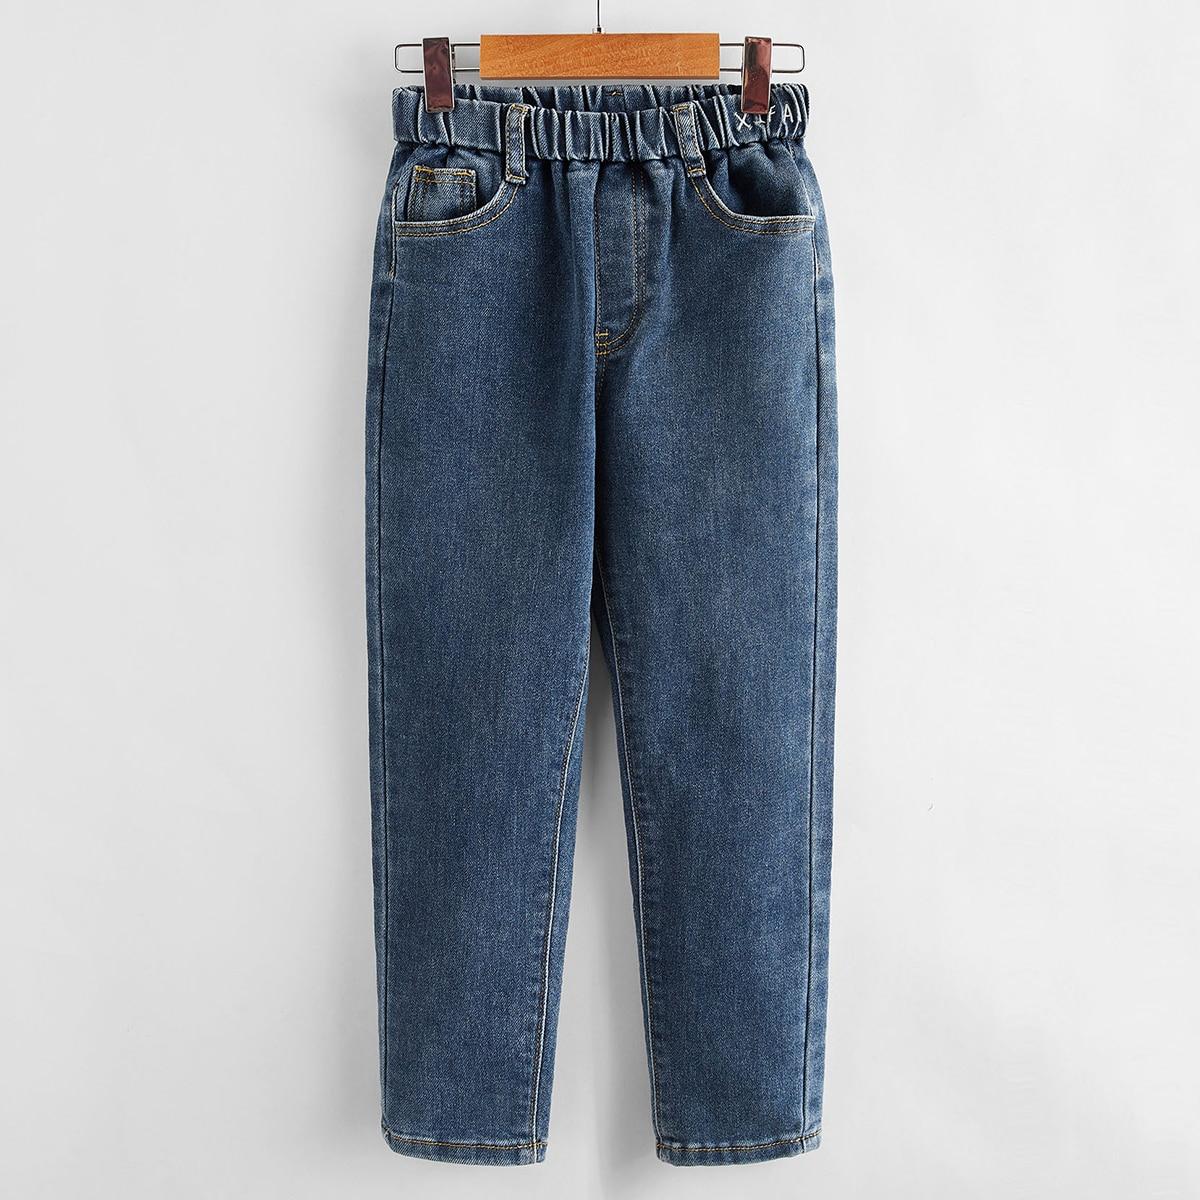 С вышивкой текст повседневный джинсы для девочек